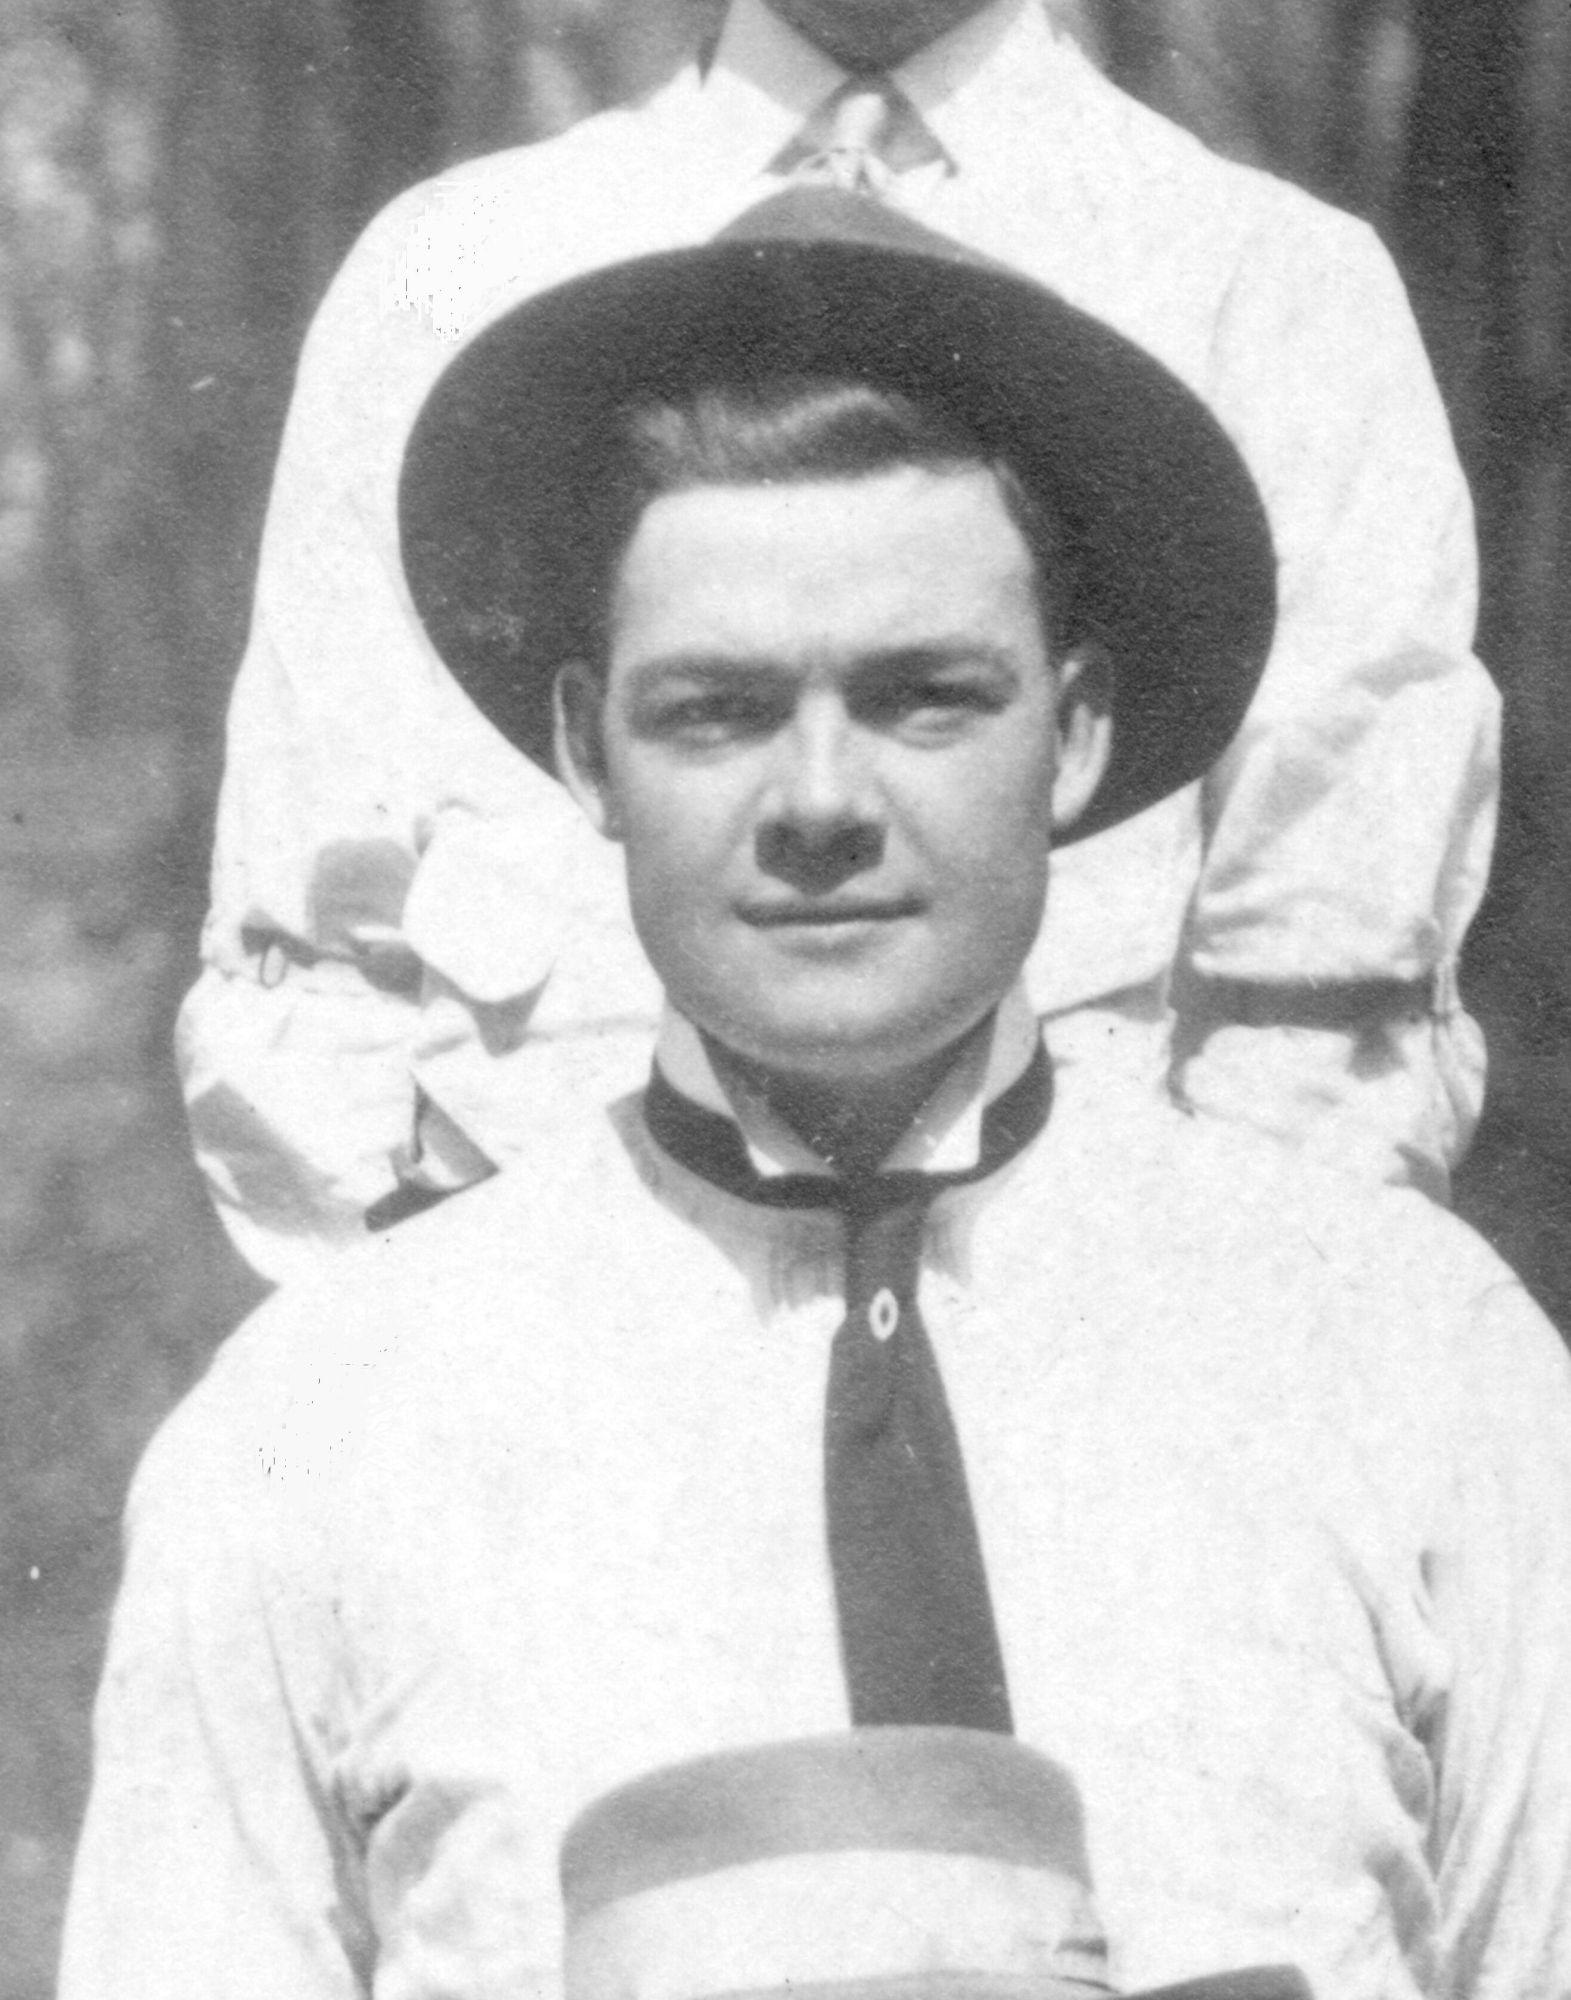 Caffall, Thomas Earl